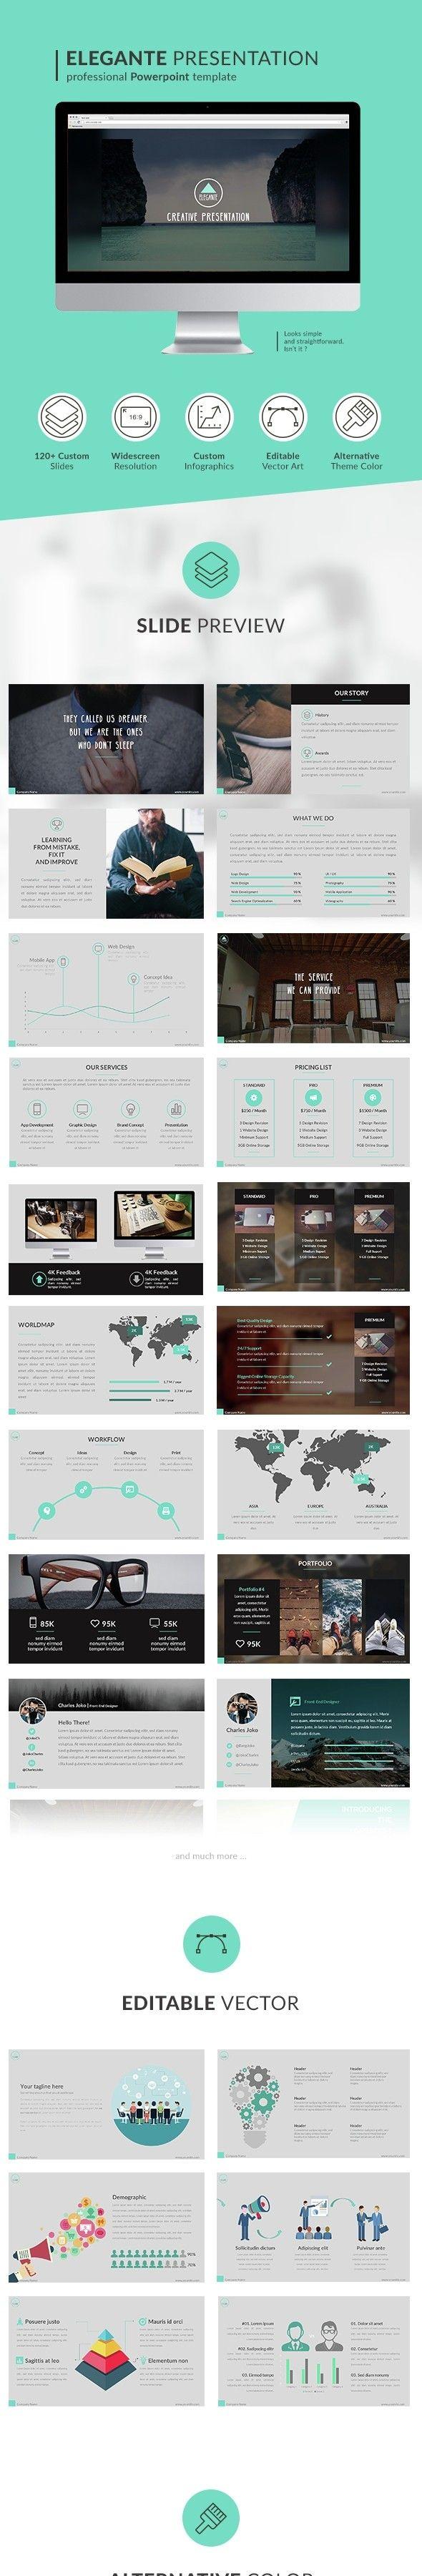 Elegante Powerpoint Presentation | Seo analysis, Social media ...